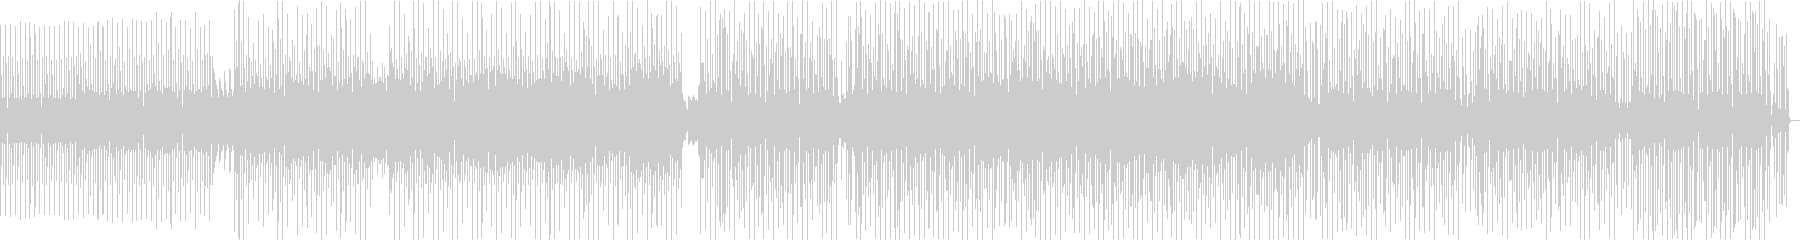 ダークでかっこいいなポップハウス曲の未再生の波形